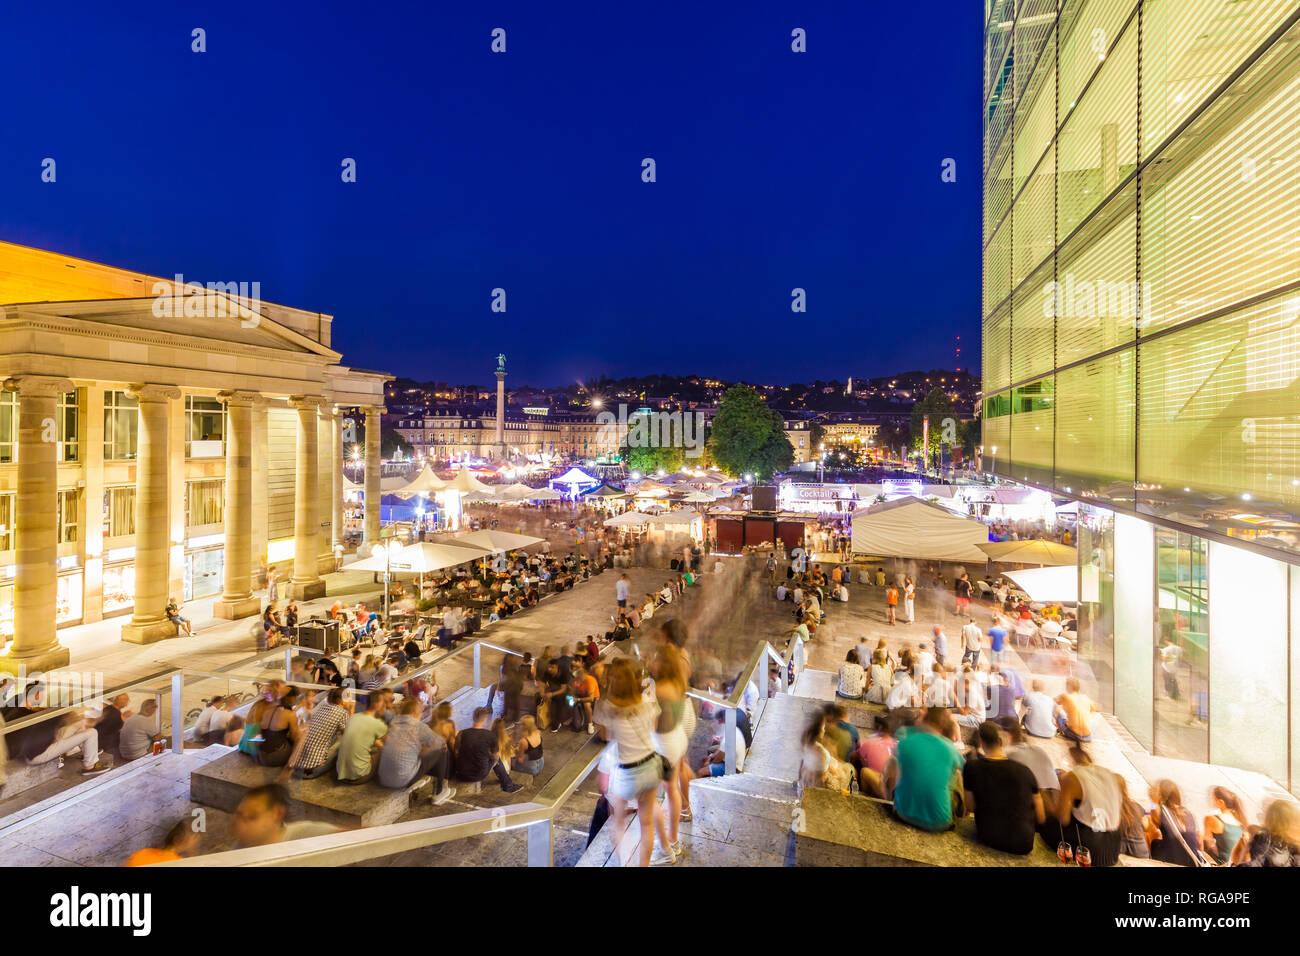 Deutschland, Stuttgart, Neues Schloss, Schlossplatz, Koenigsbau, Kunstmuseum im Sommer Party, blaue Stunde Stockfoto